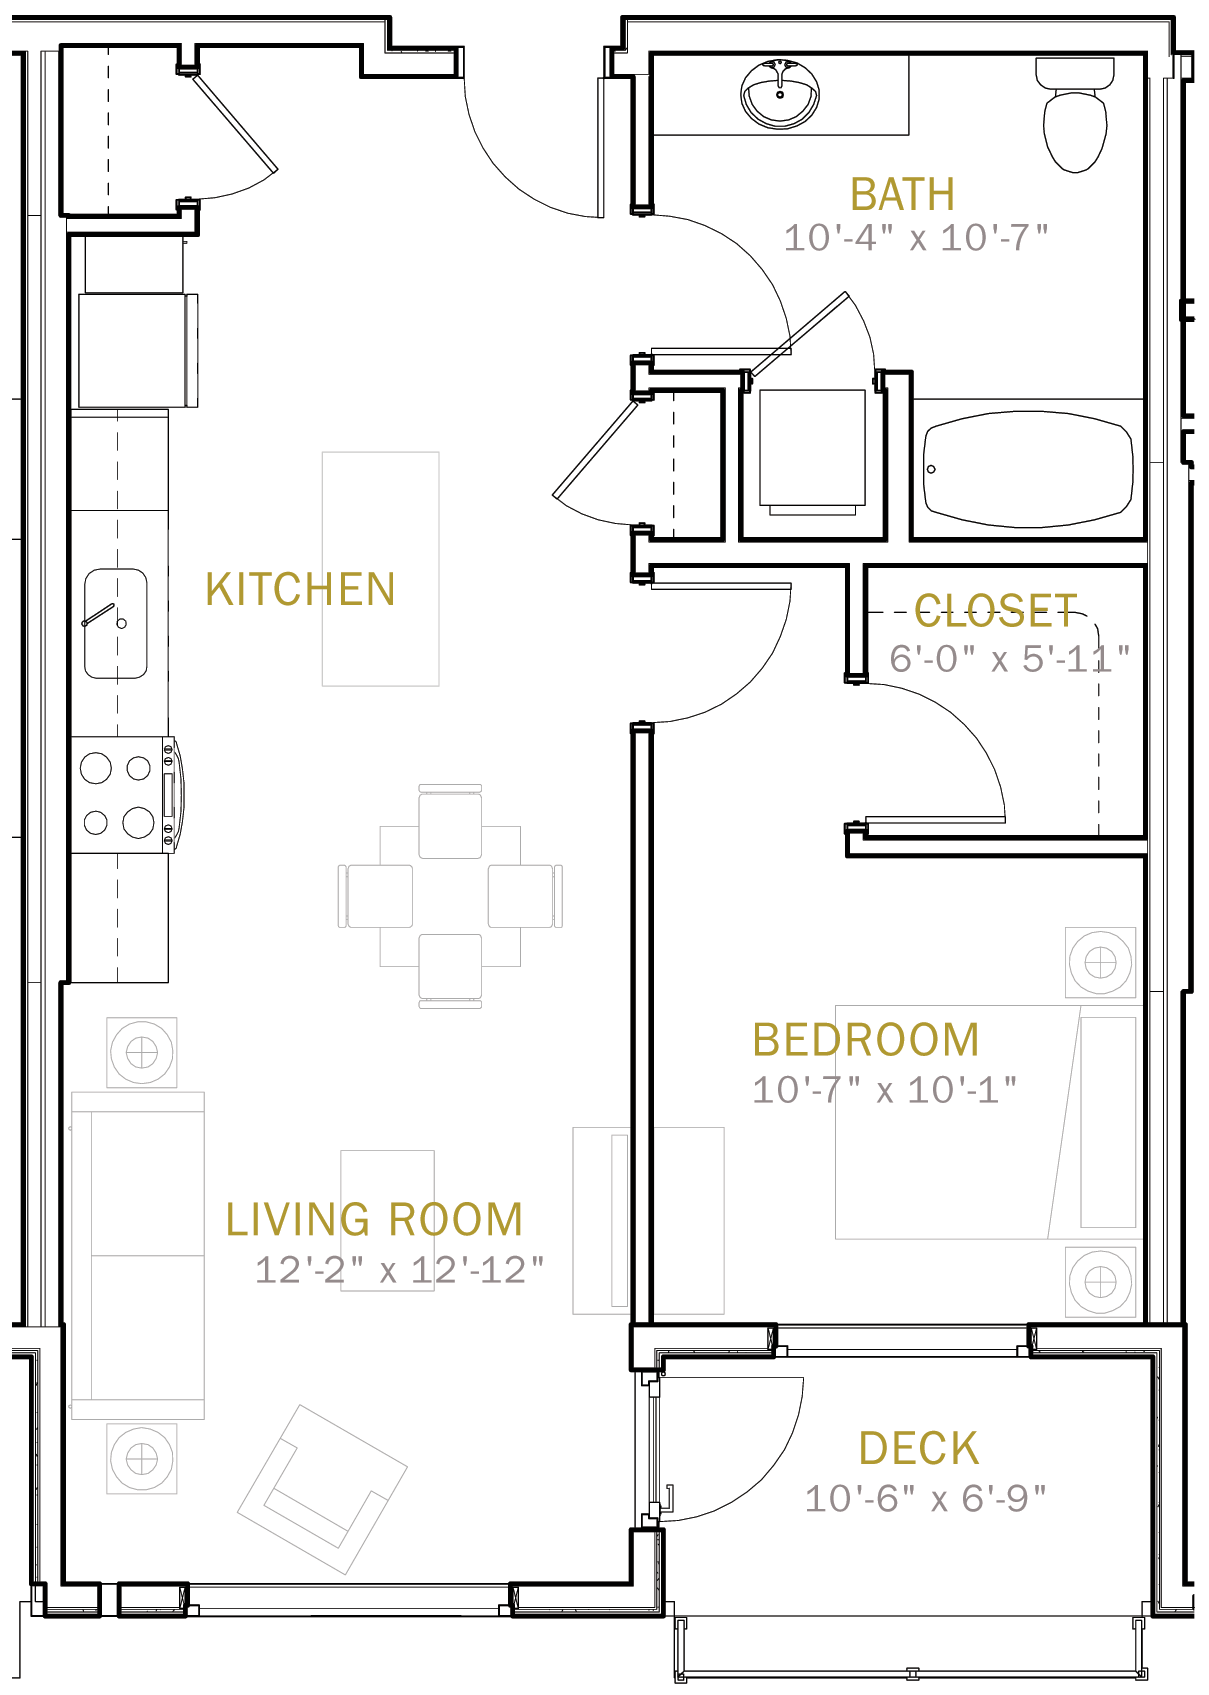 One Bedroom 750 Sqft